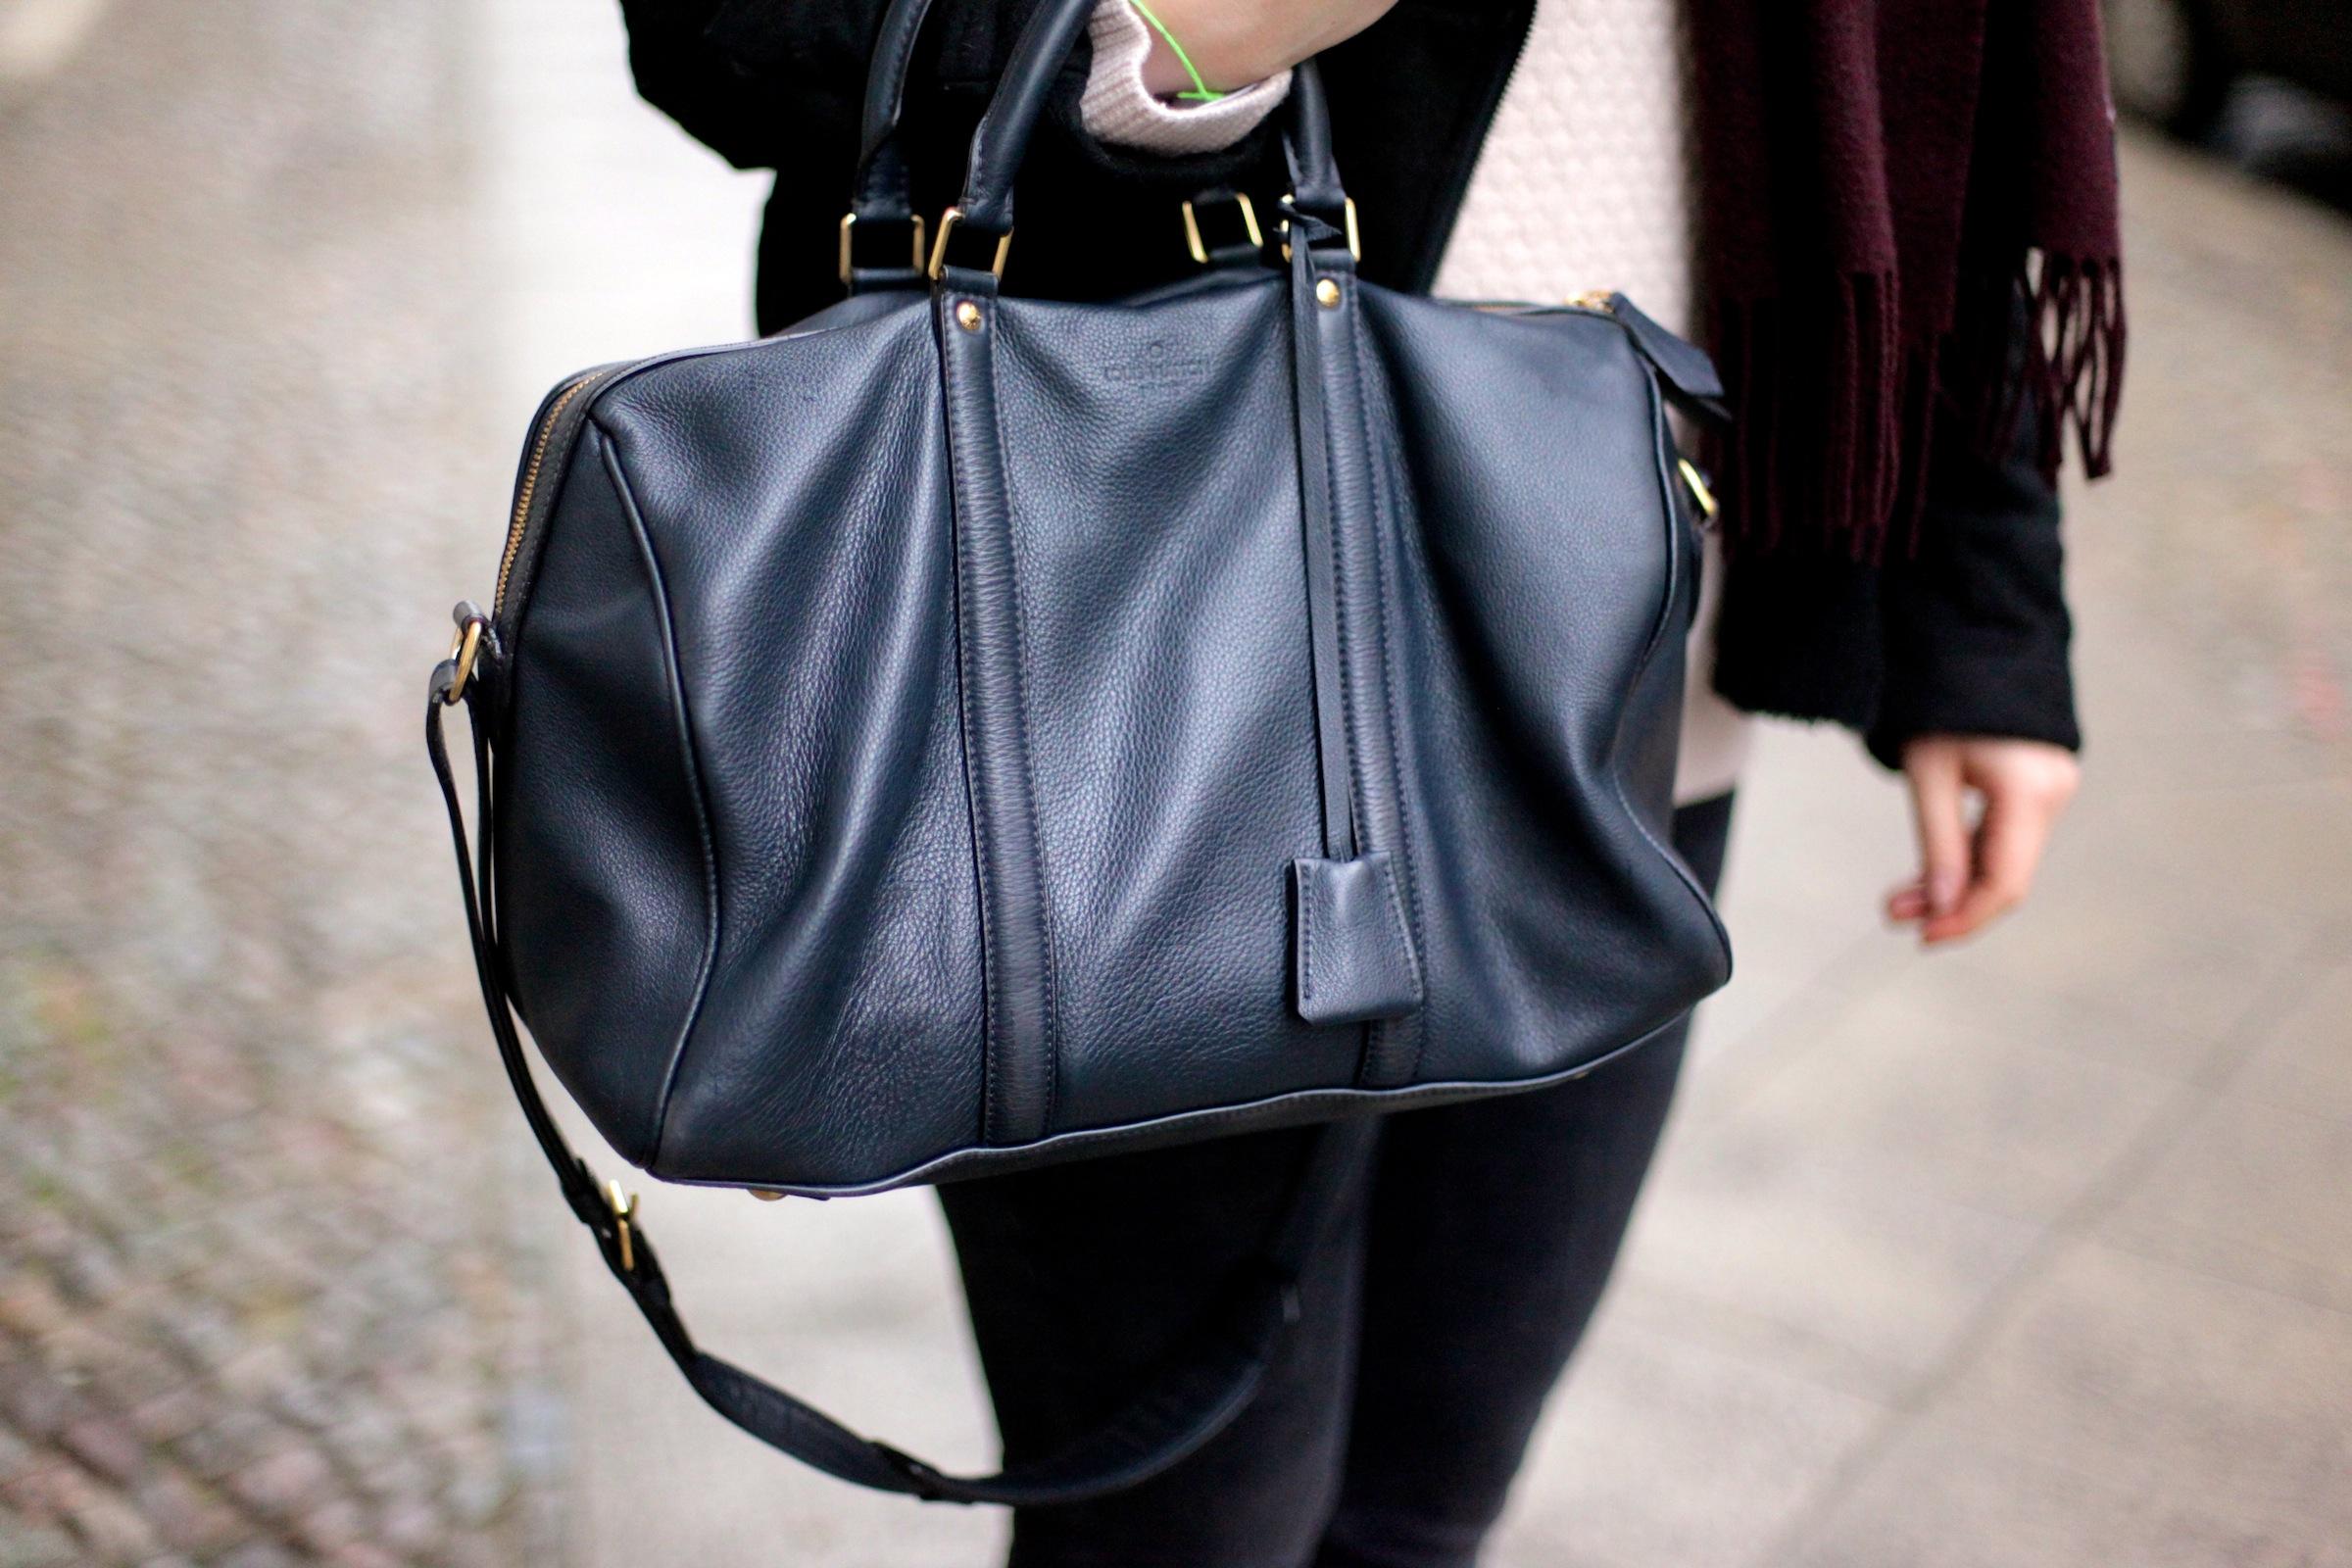 top5 handtaschen in die es sich zu investieren lohnt. Black Bedroom Furniture Sets. Home Design Ideas